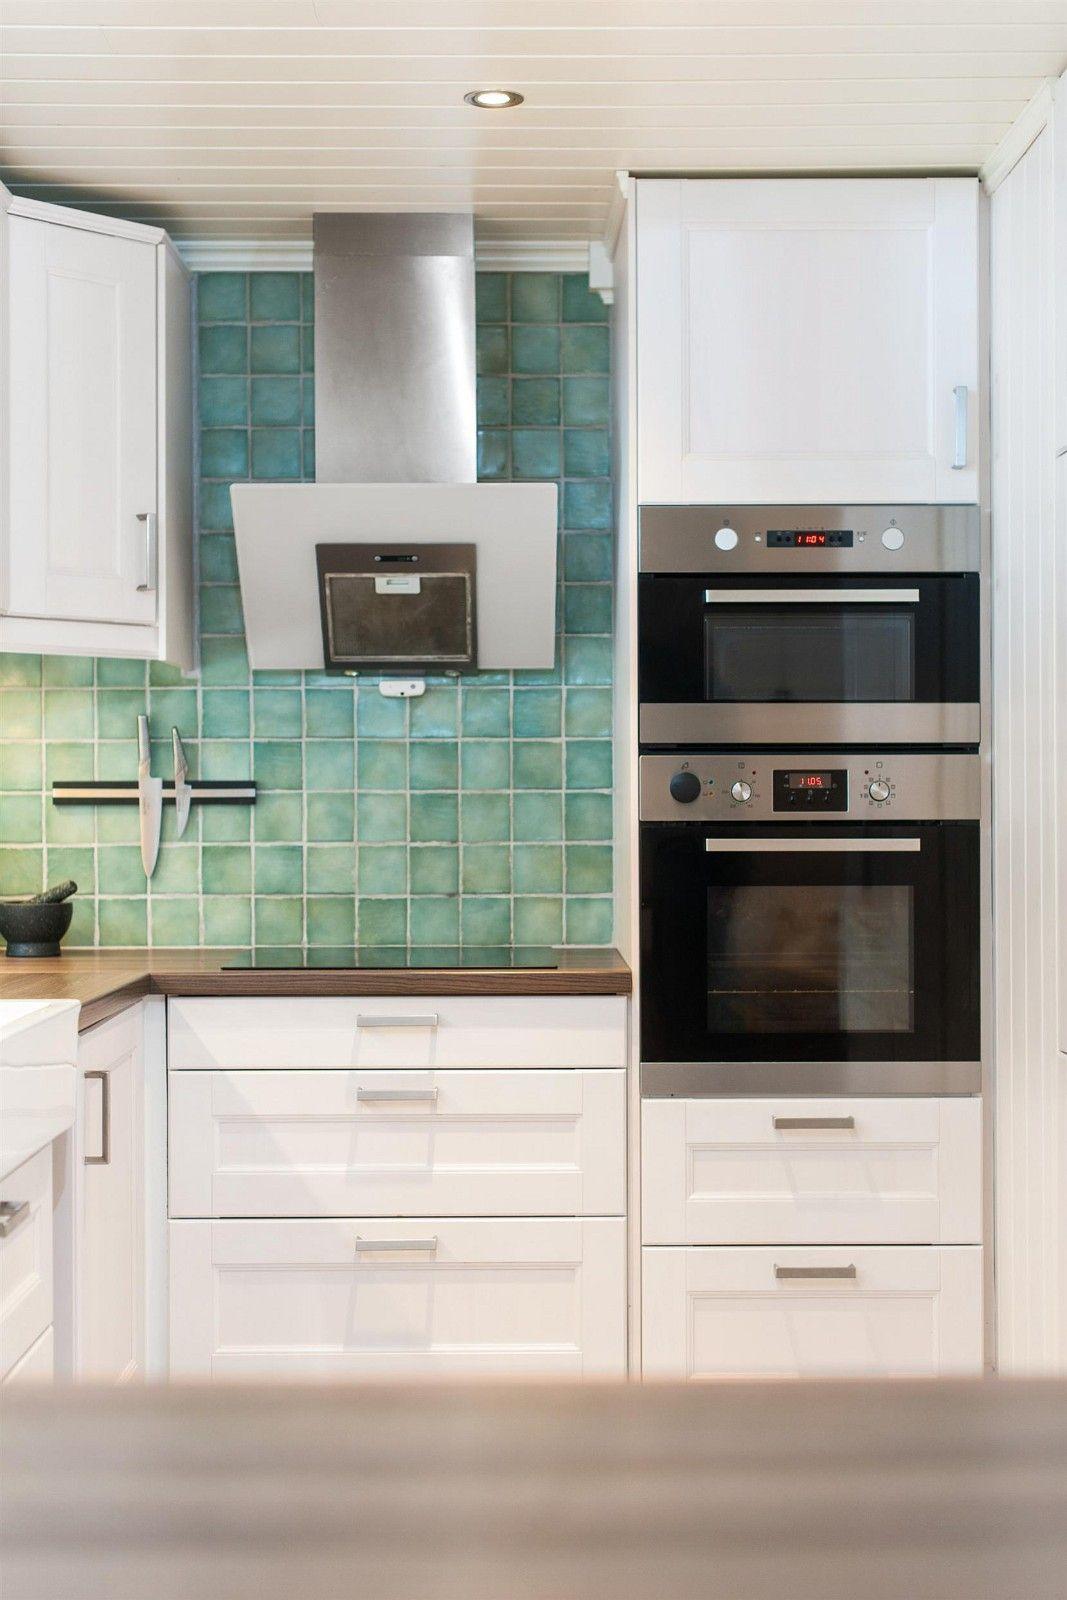 Mejor Mueble Cocina Torre Horno Microondas Medidas de 2020